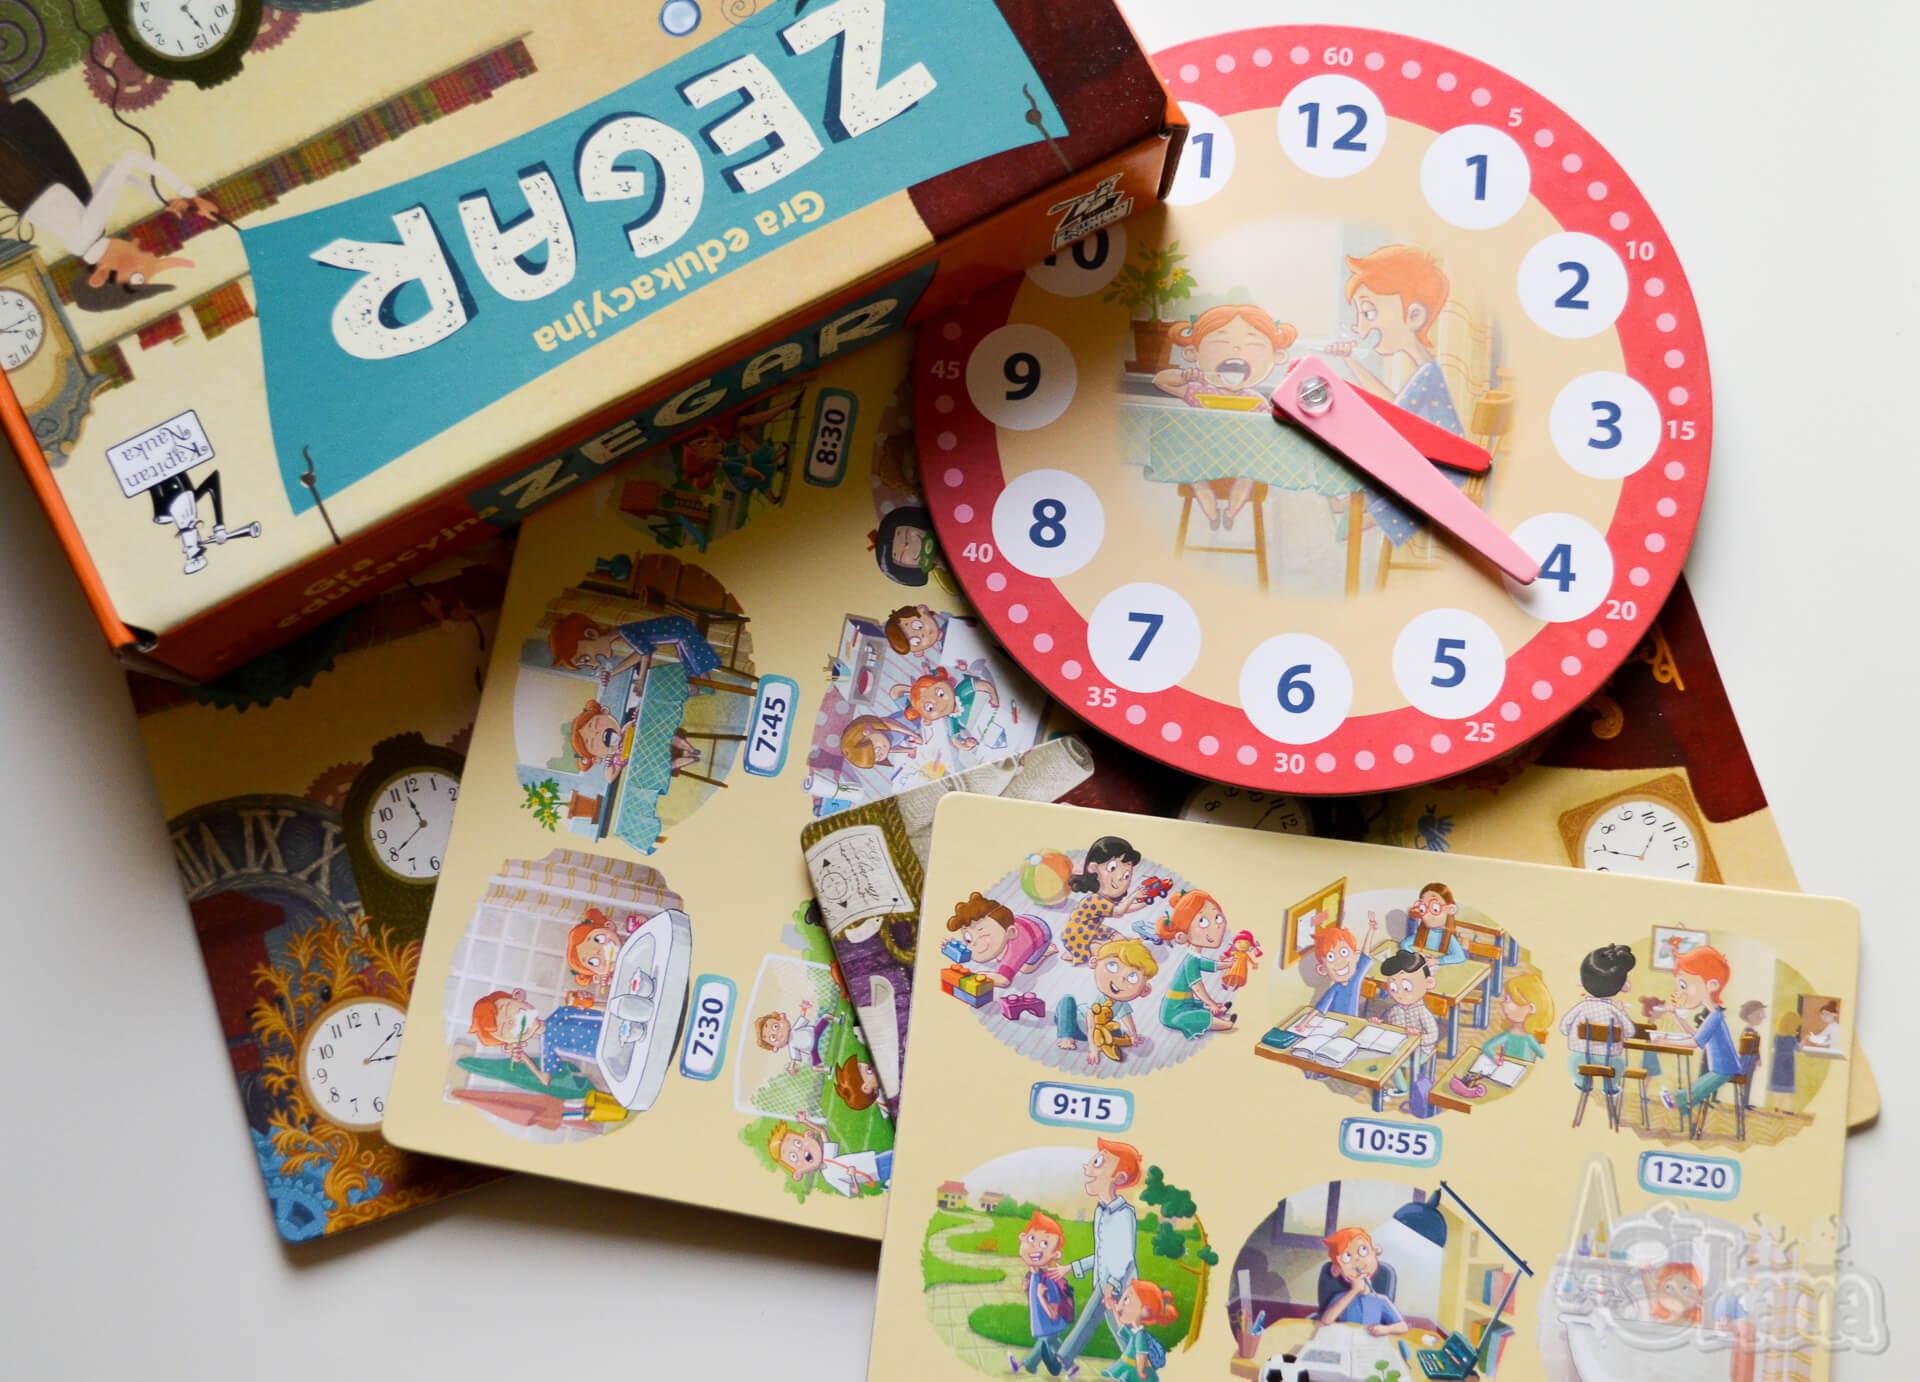 gra edukacyjna zegar zestaw plansz